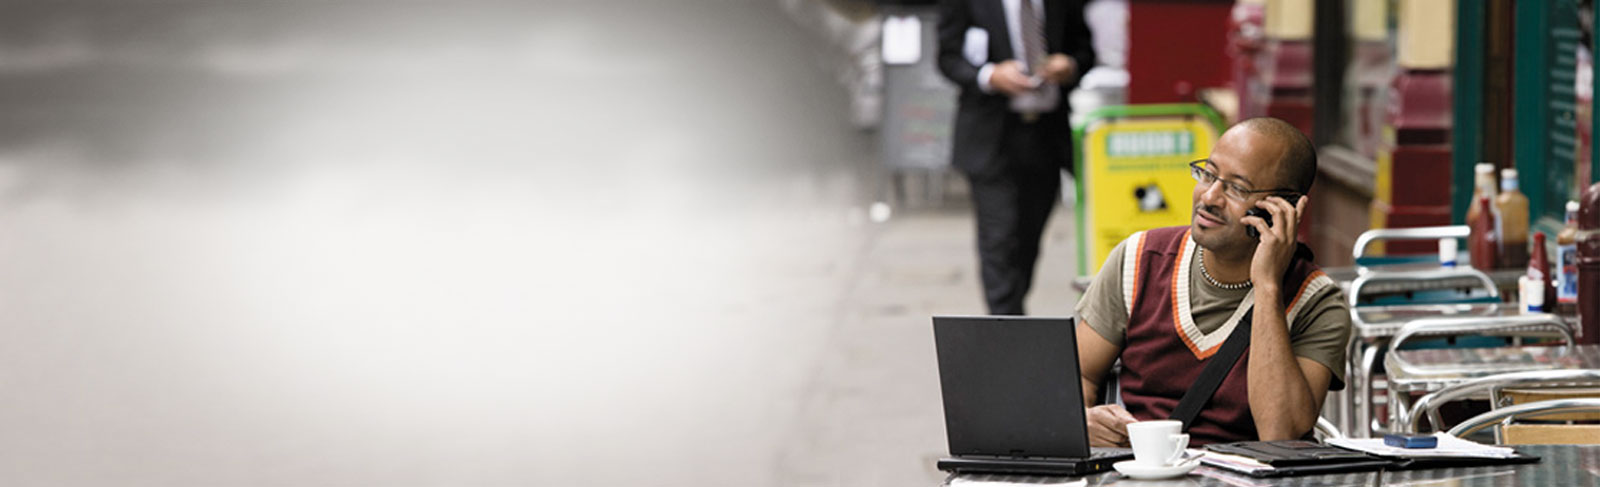 Homme assis dans un café avec un téléphone et un ordinateur portable, qui utilise la messagerie professionnelles via Exchange Server2013.